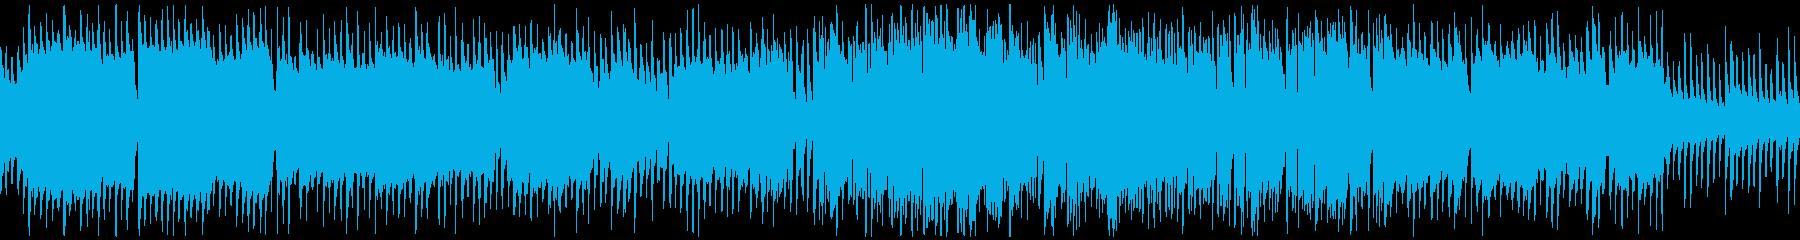 トイピアノとやわらかいサックス※ループ版の再生済みの波形